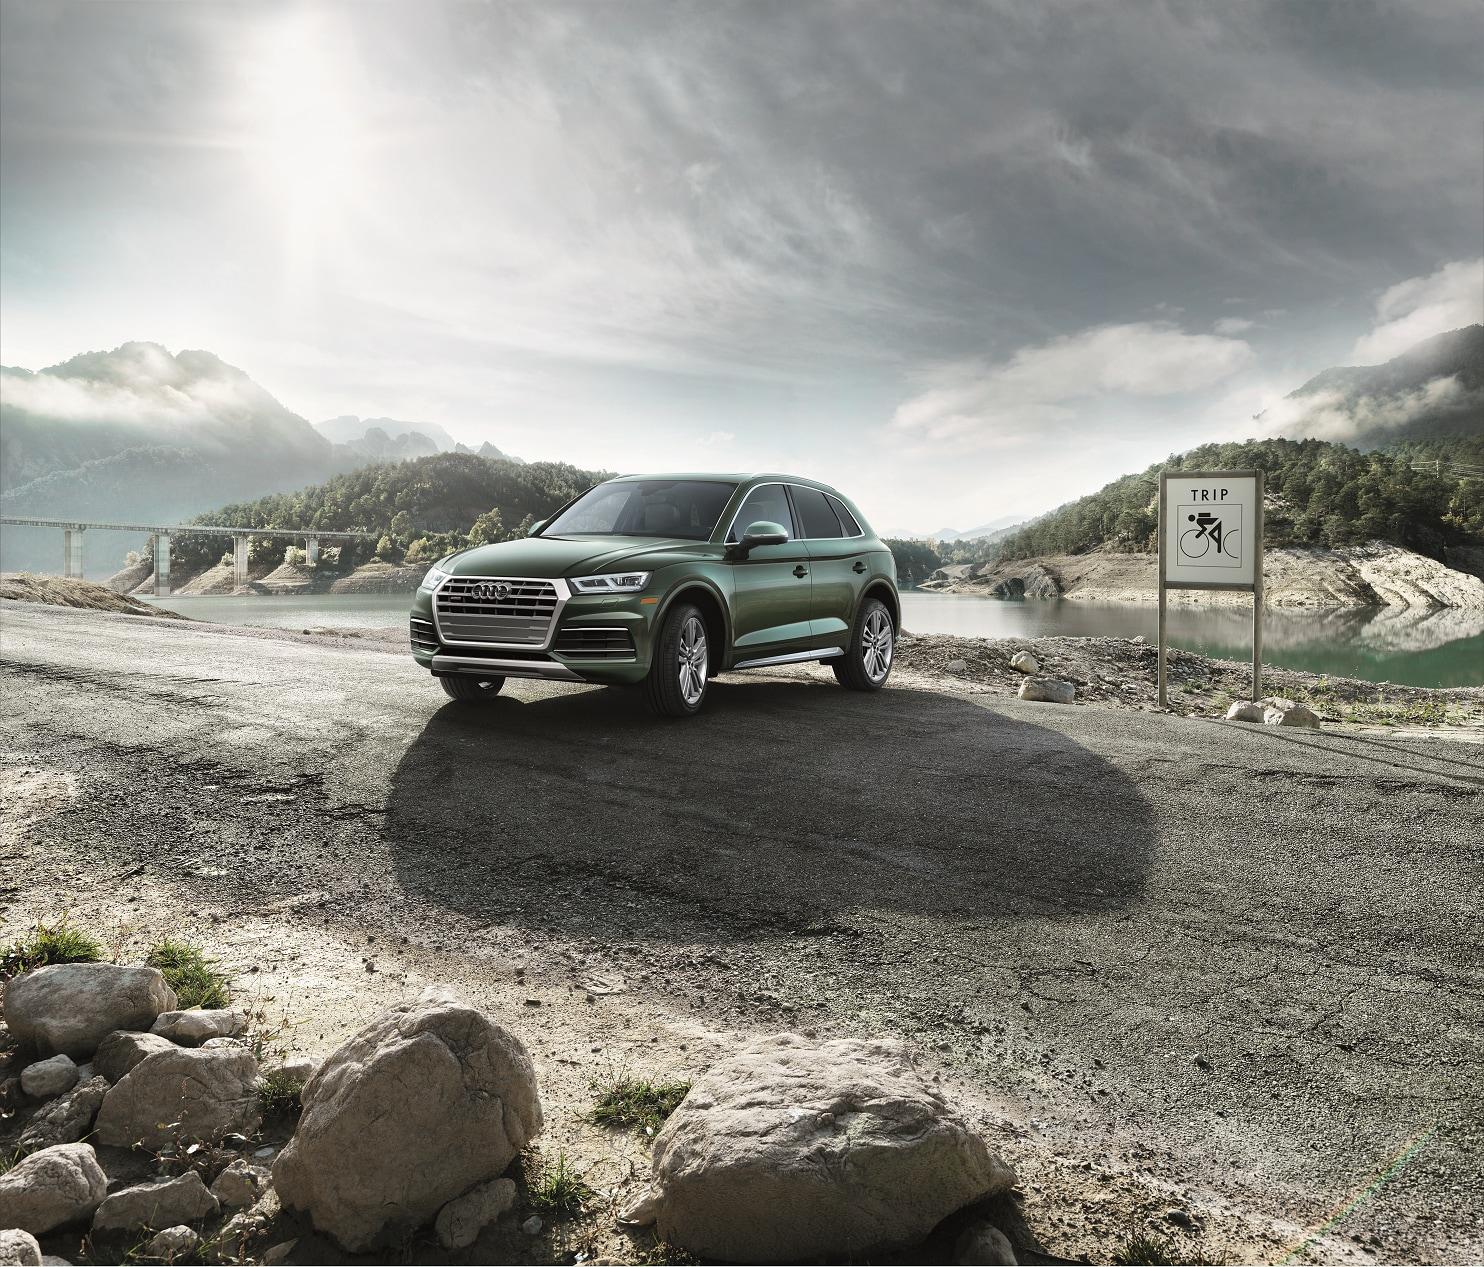 Audi Q5 Gas Mileage